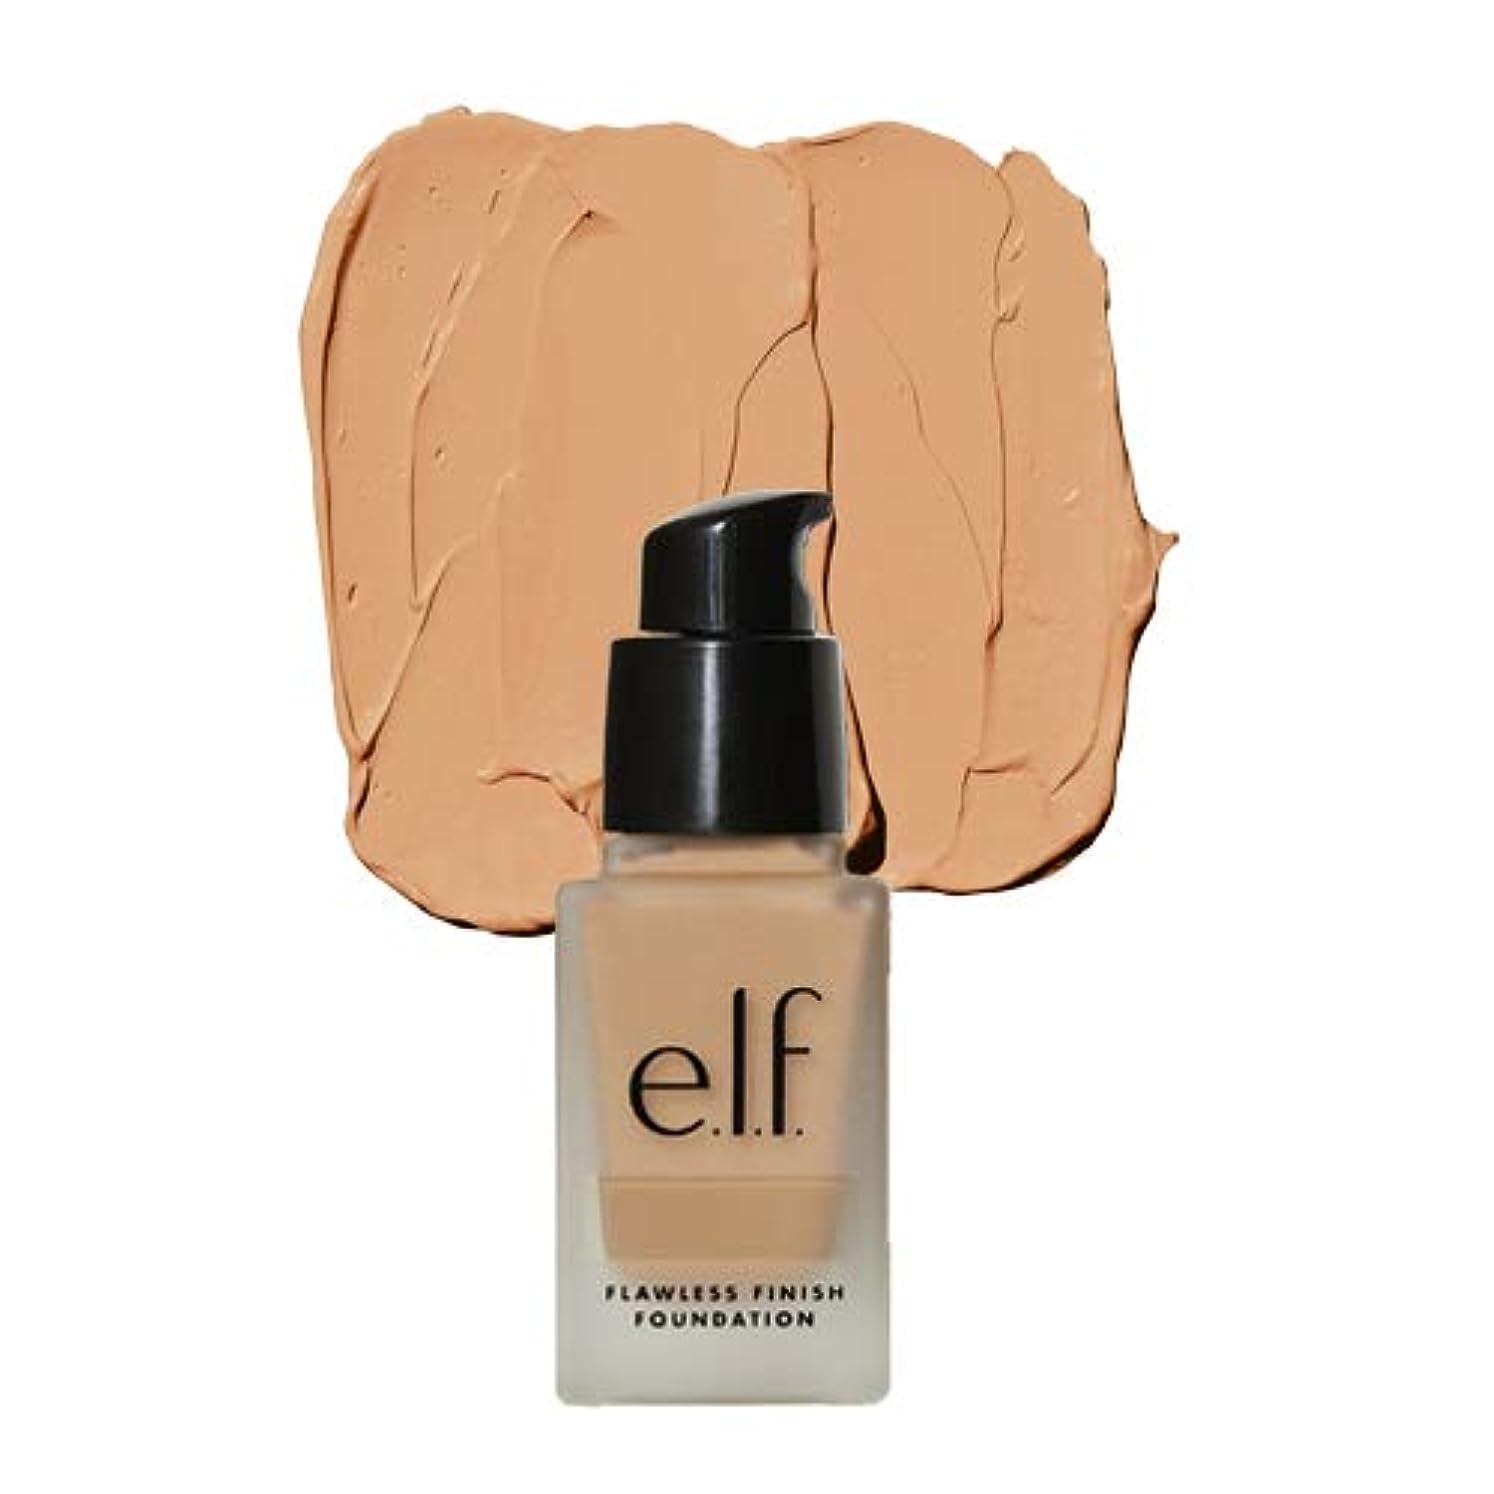 信条責実用的(3 Pack) e.l.f. Oil Free Flawless Finish Foundation - Toffee (並行輸入品)